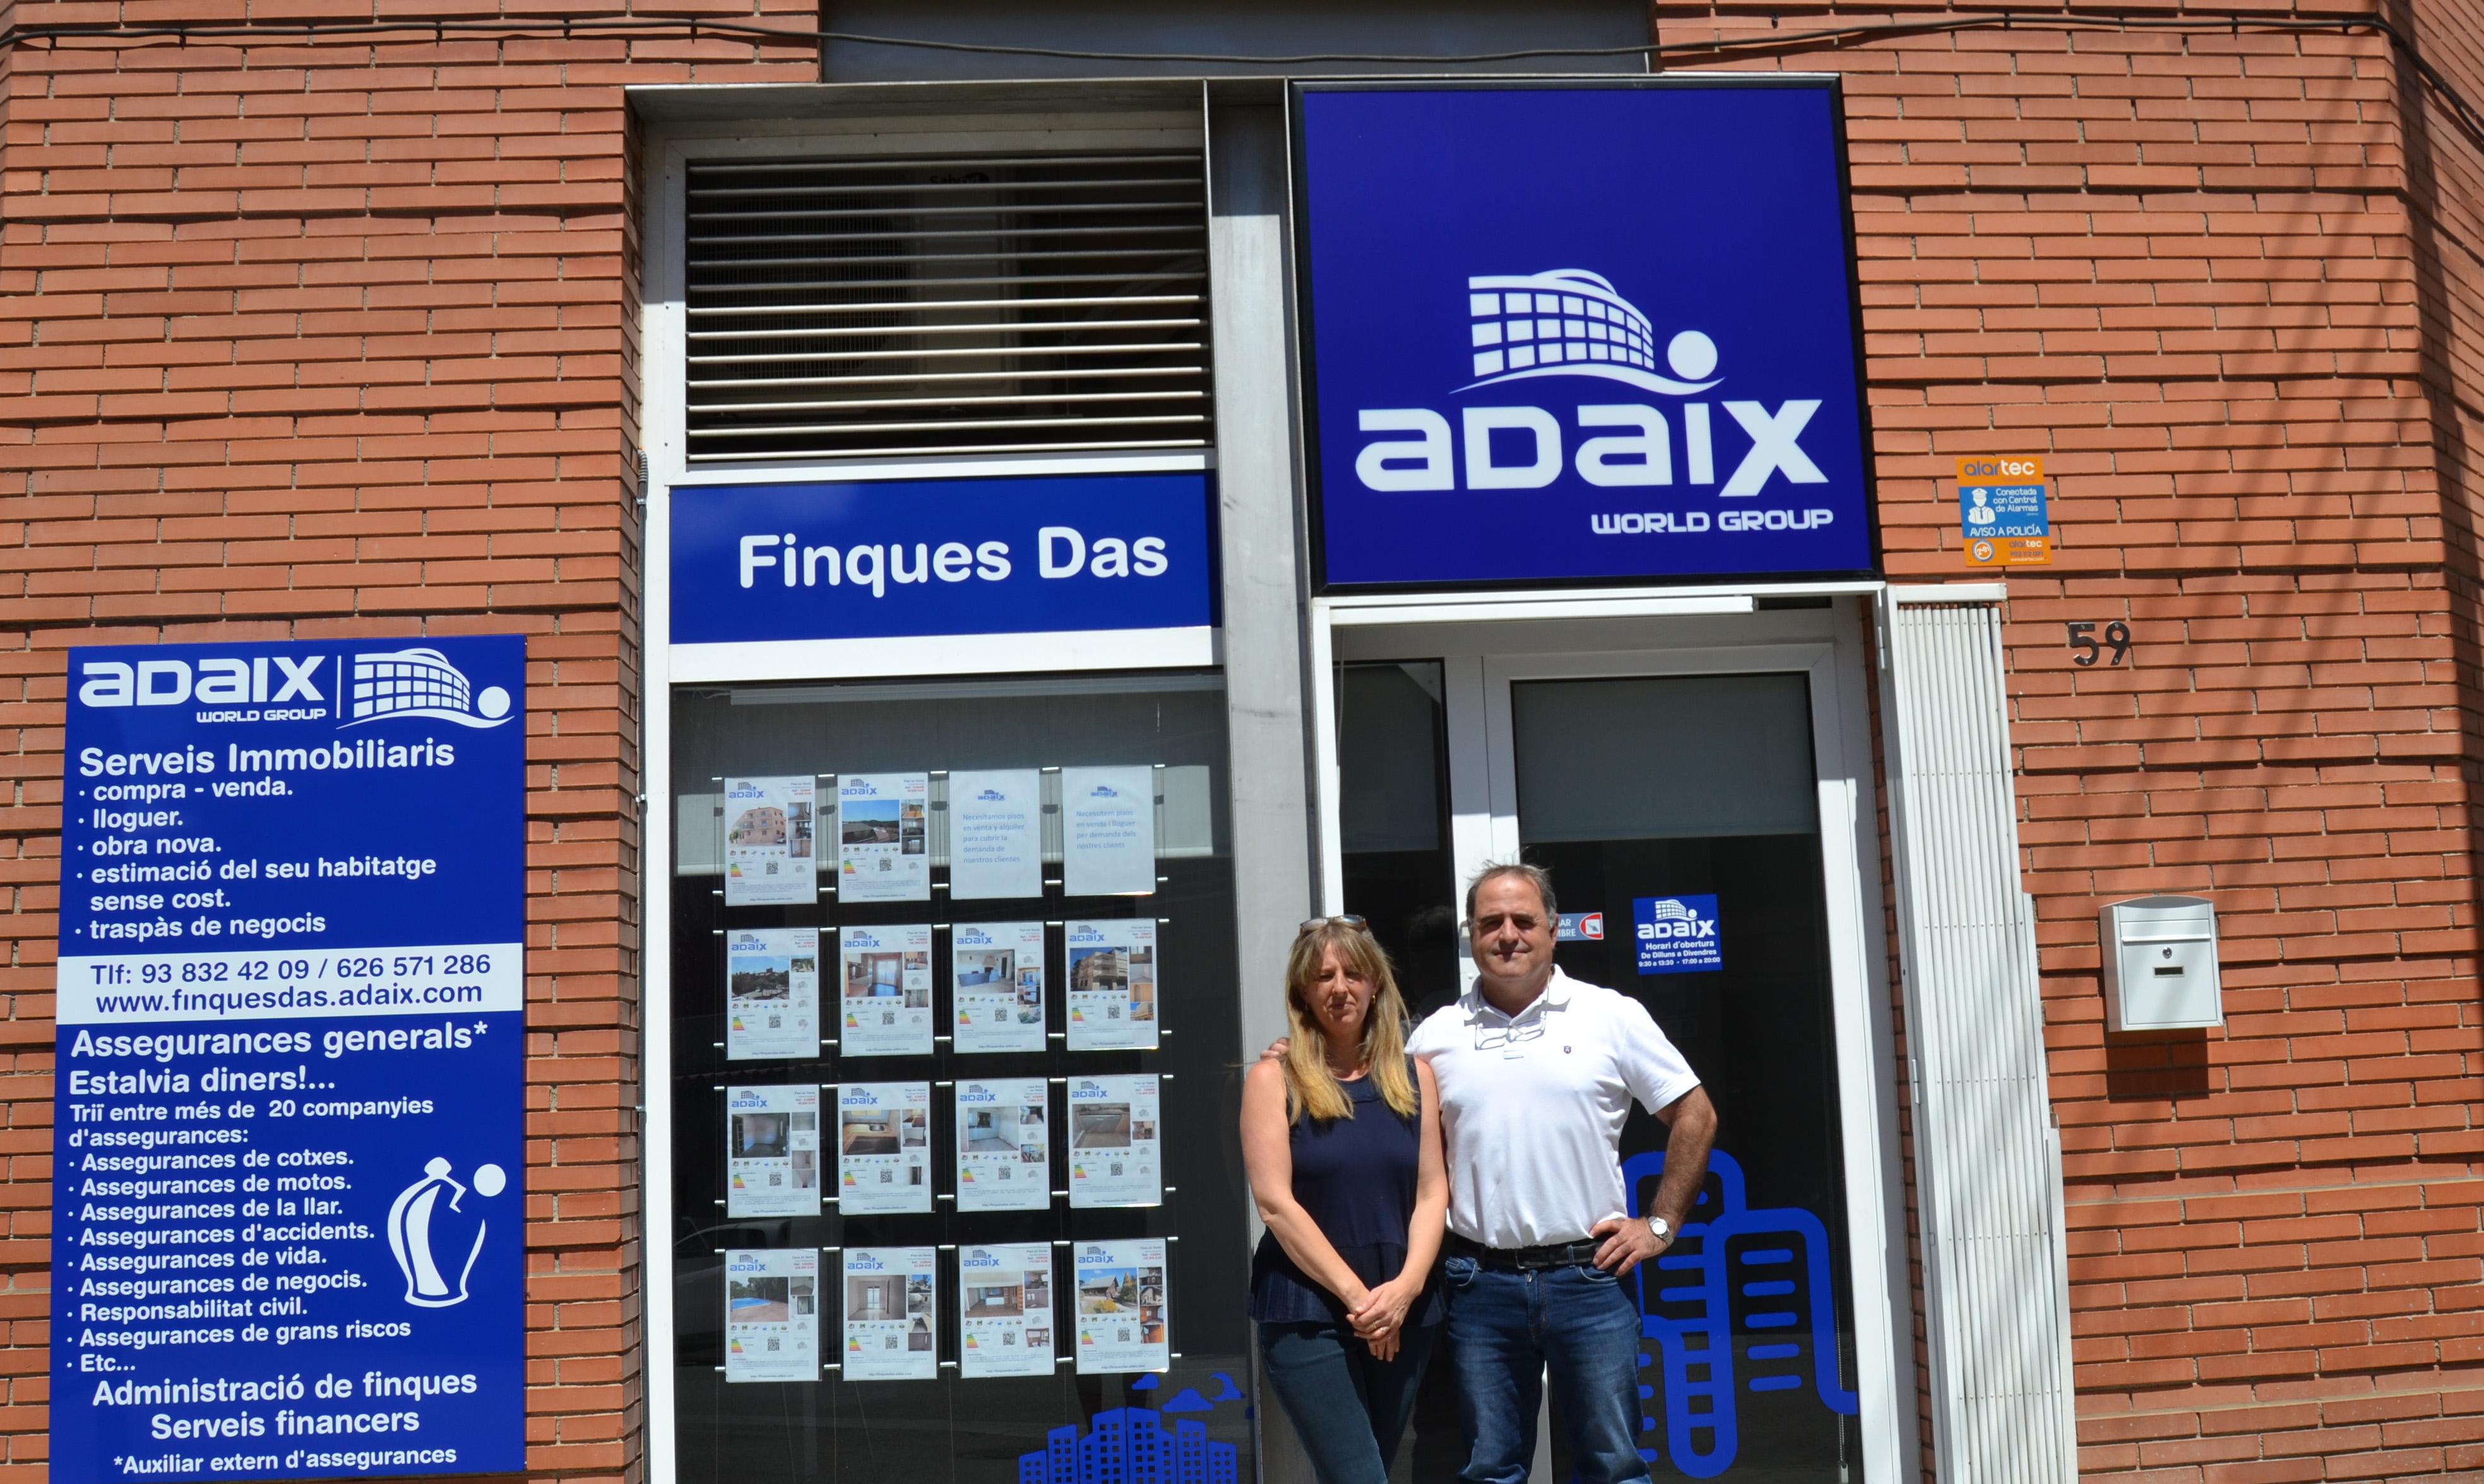 Nueva agencia inmobiliaria de Adaix en la ciudad de Rubí